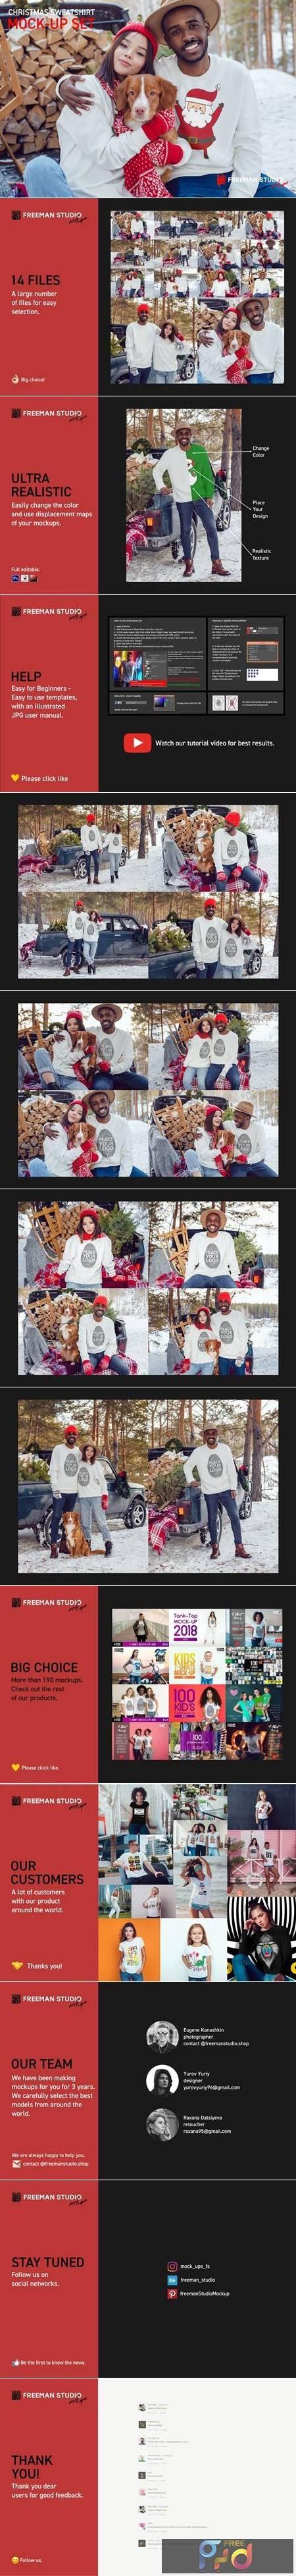 Christmas Sweatshirt Mock-Up Set 5632102 1